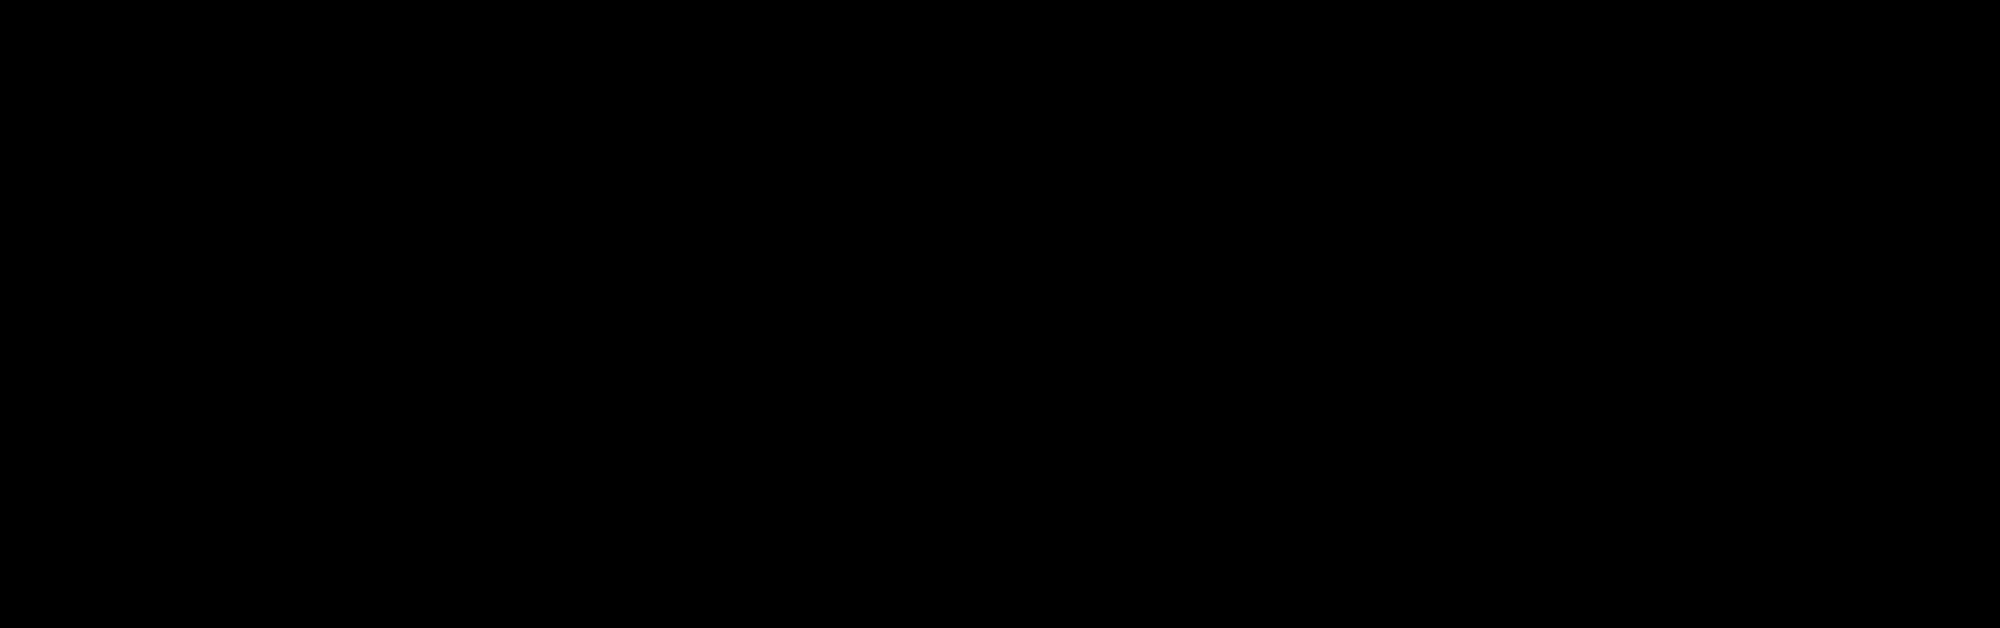 Grt logo blk lrg